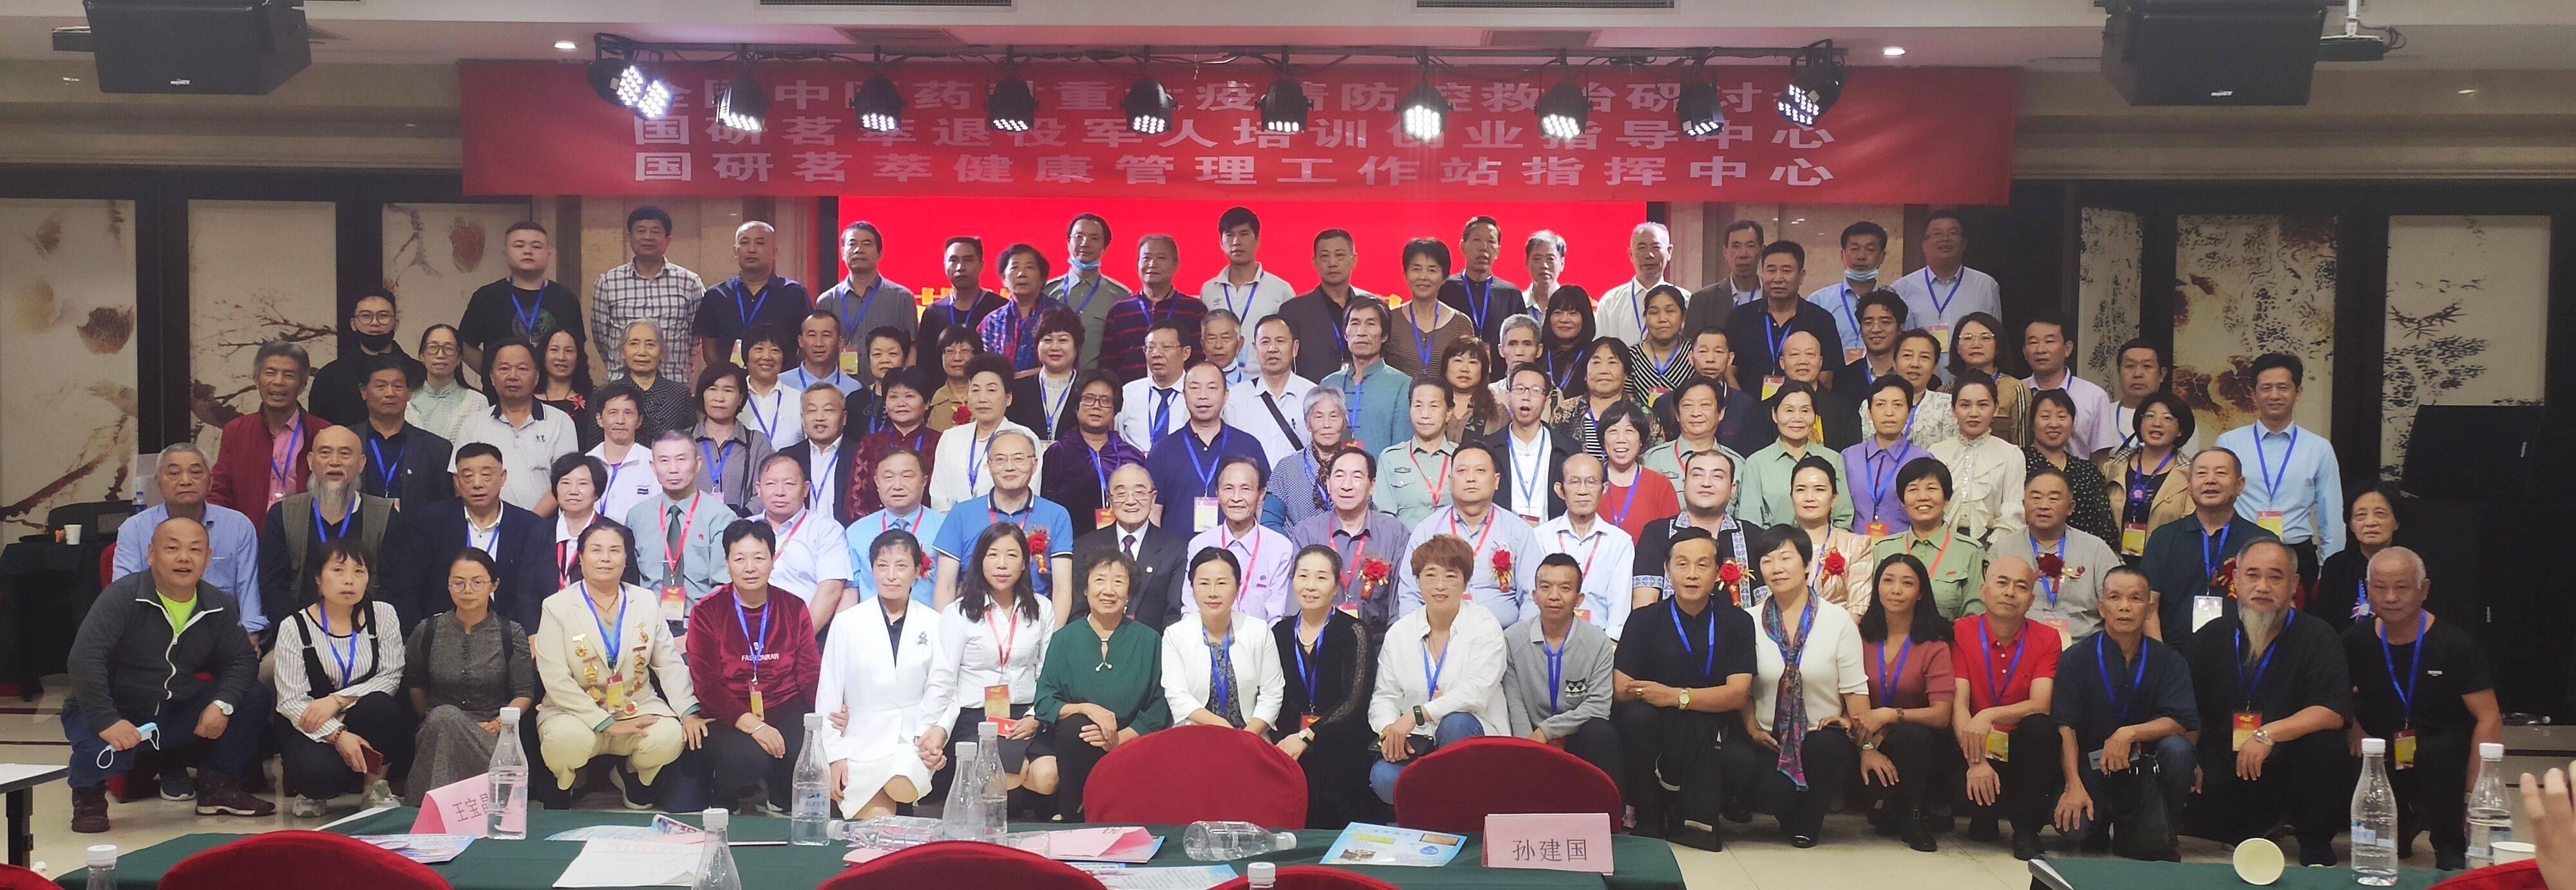 国研茗萃(北京)退役军人培训学院致力于退役军人再就业